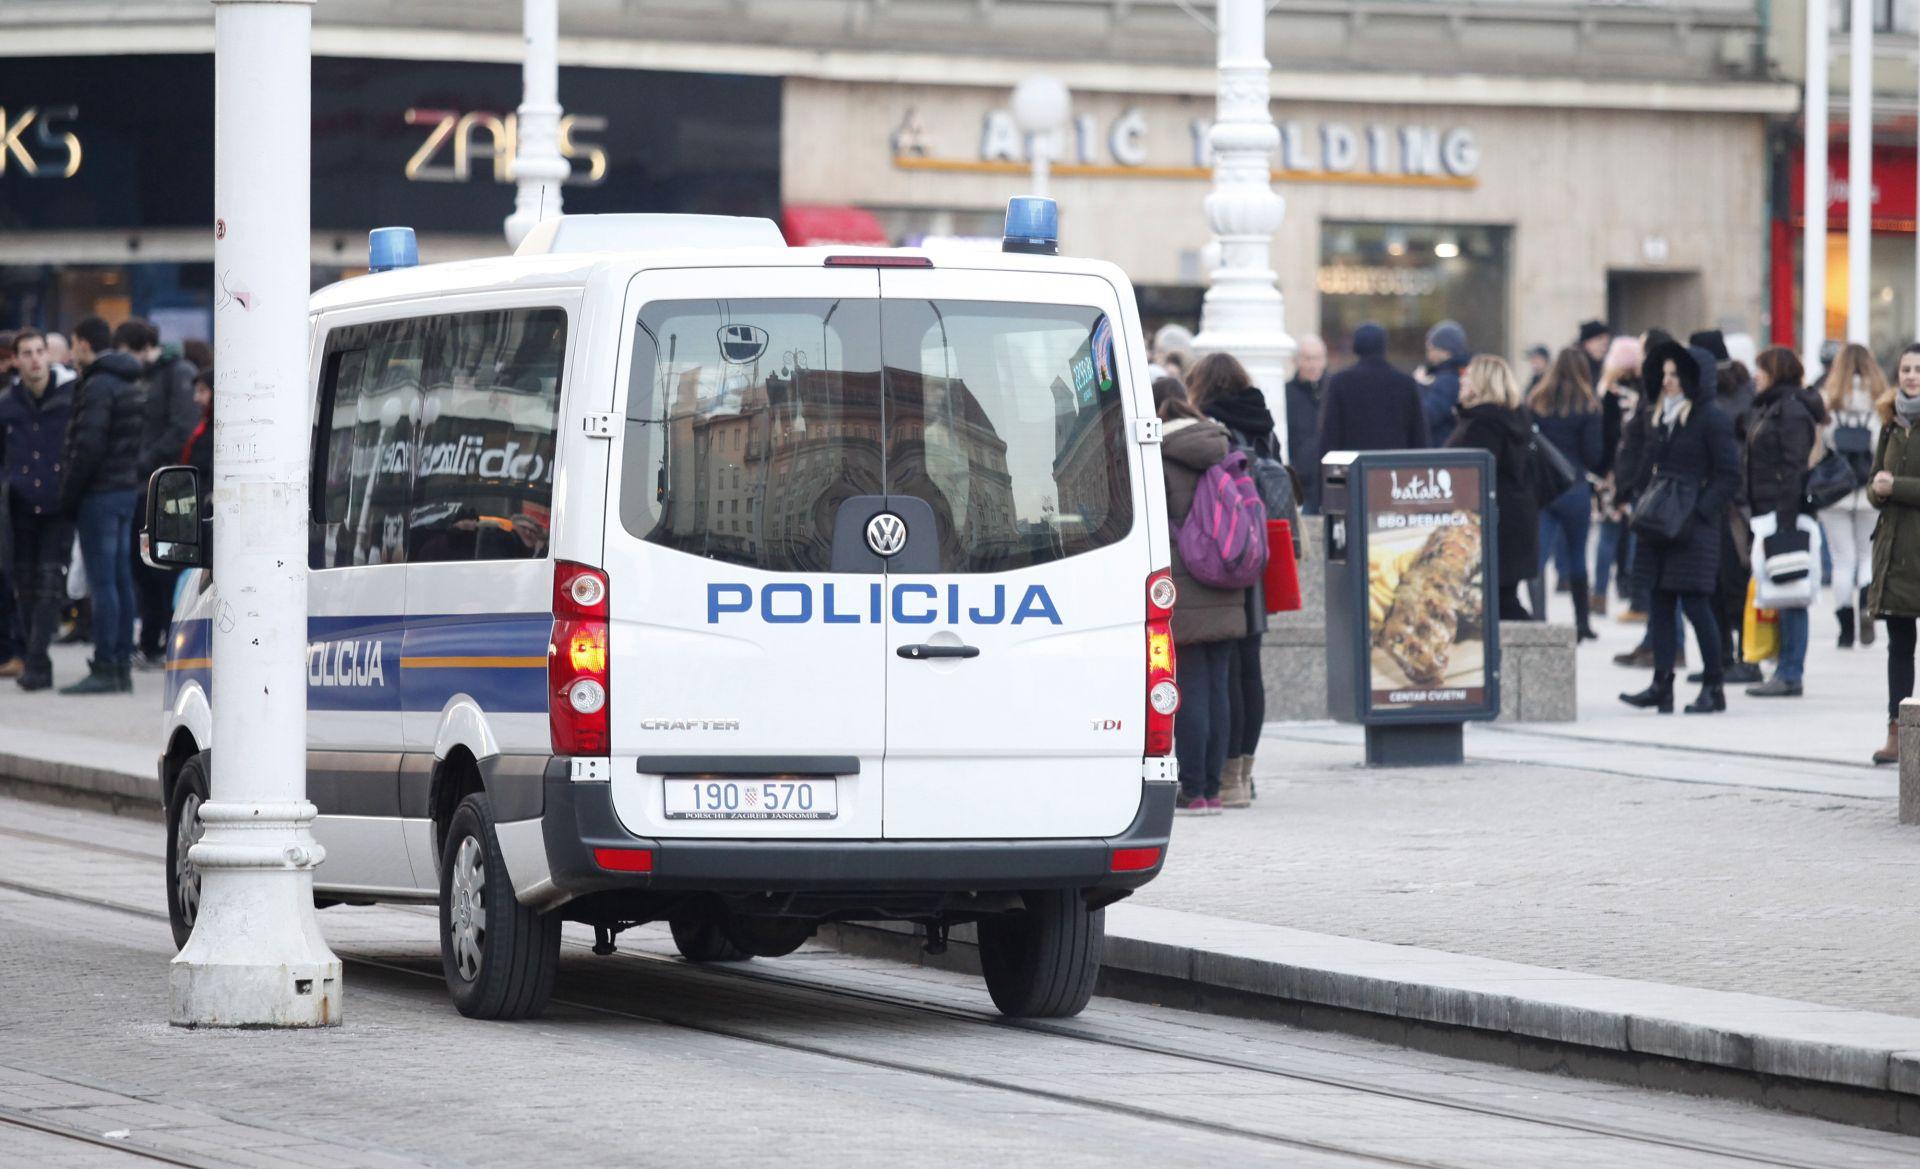 U ZAGREBAČKI NOĆNI KLUB BAČEN SUZAVAC: Zagreb Pride traži od vlasti osudu i brzu istragu